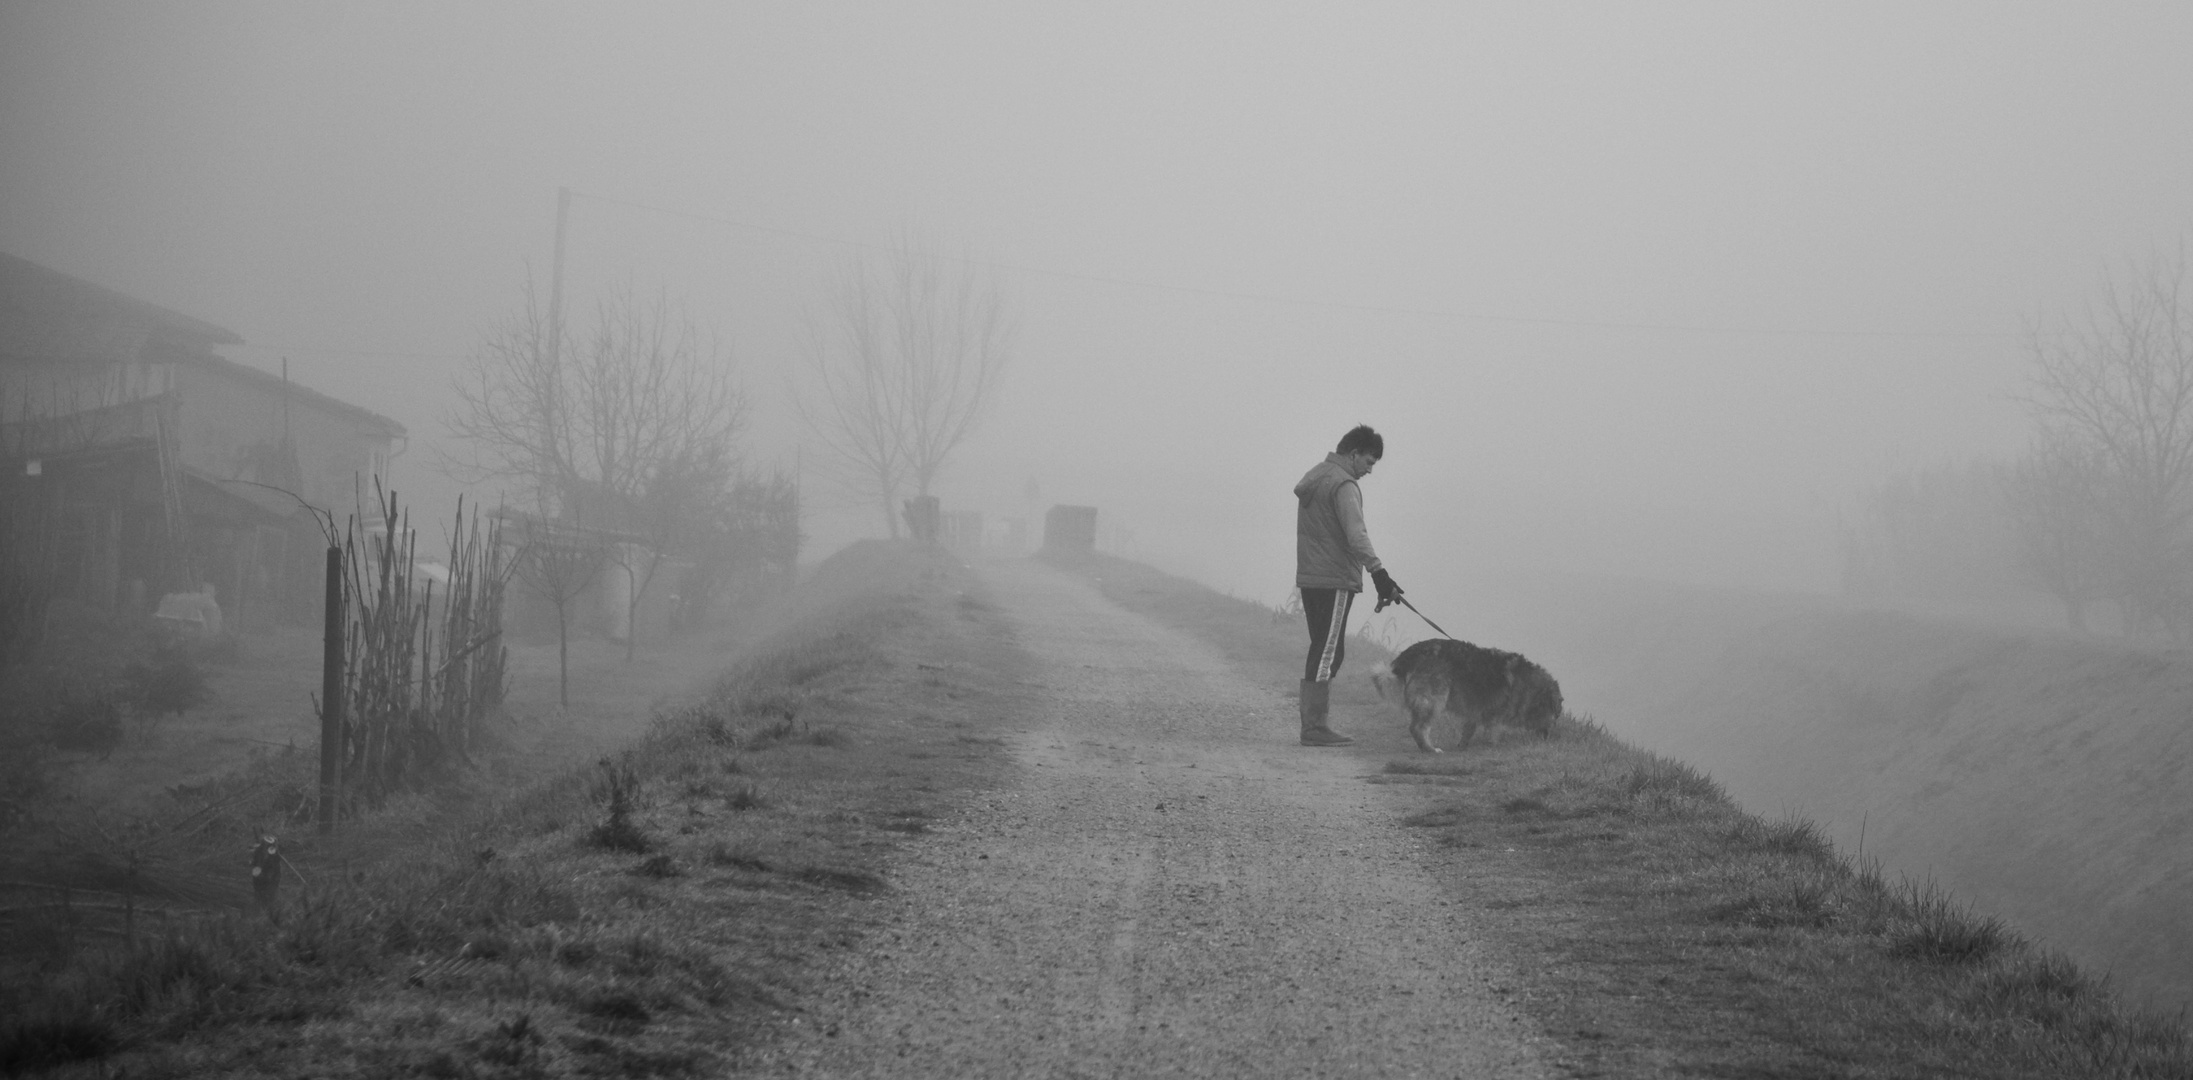 l'uomo e il suo cane...in un giorno di nebbia